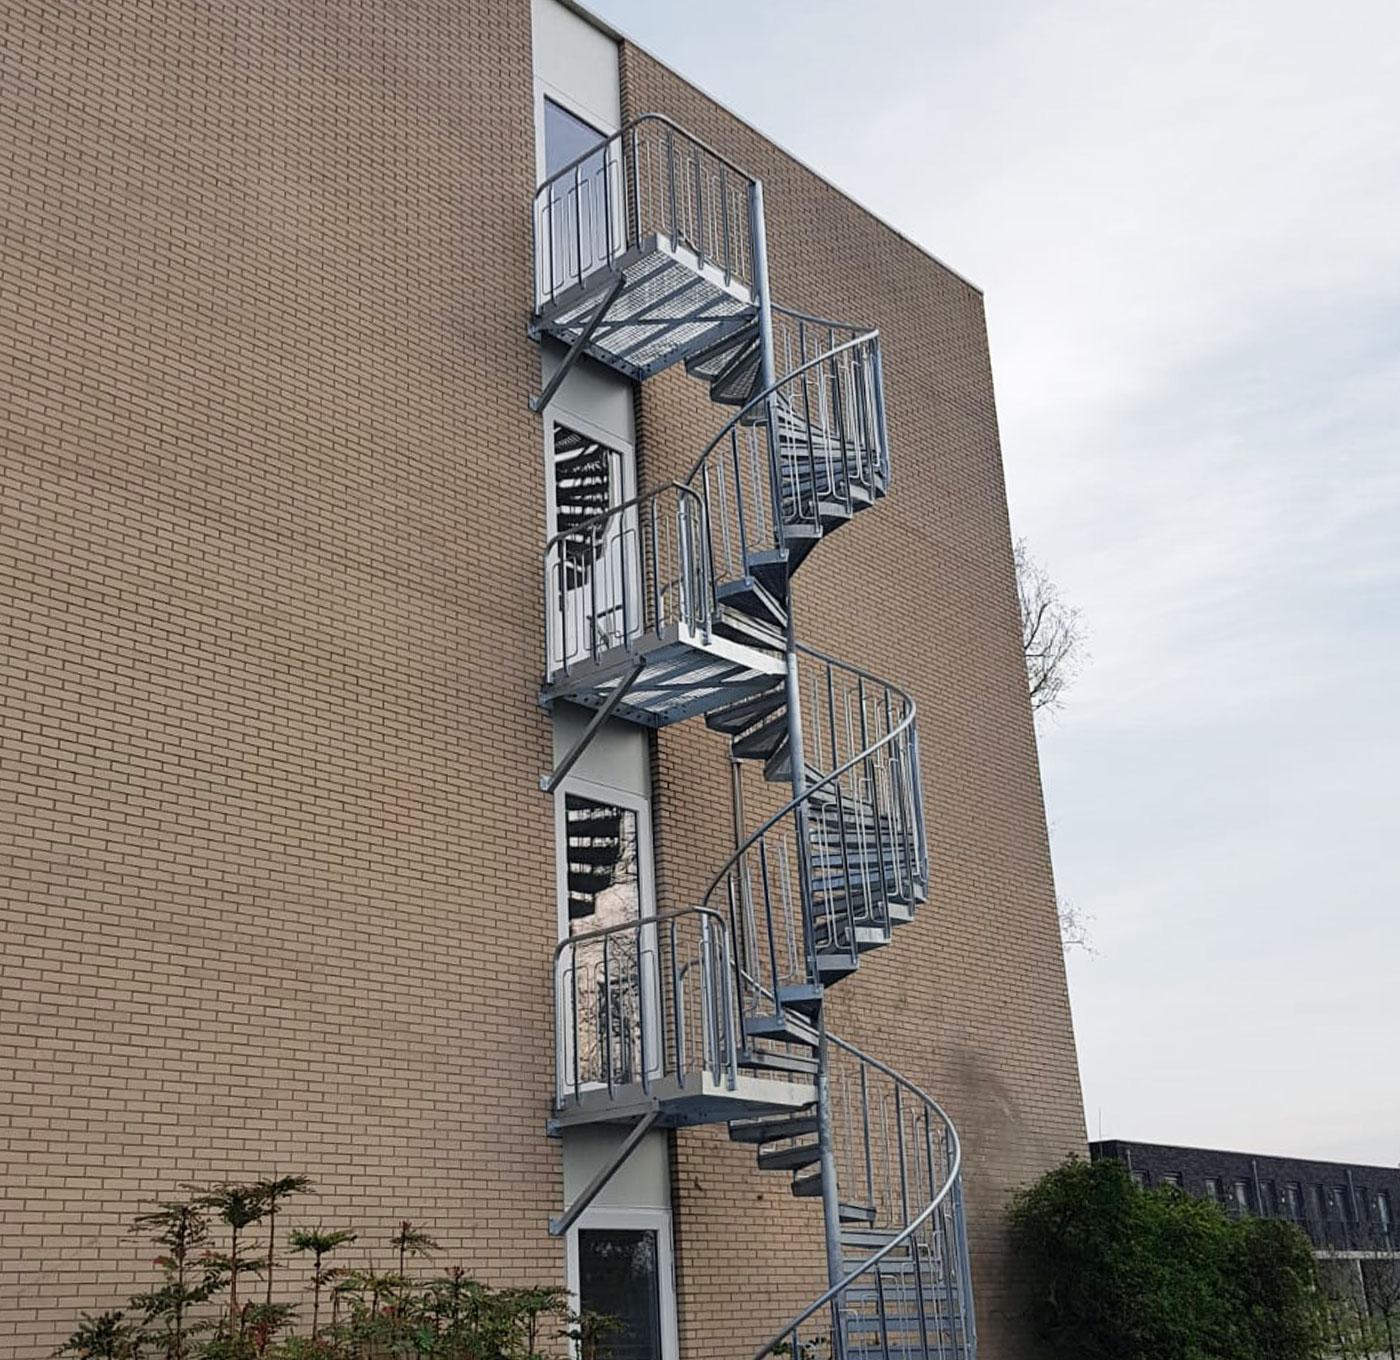 Evakuierung Treppe mit kindersichere Geländer